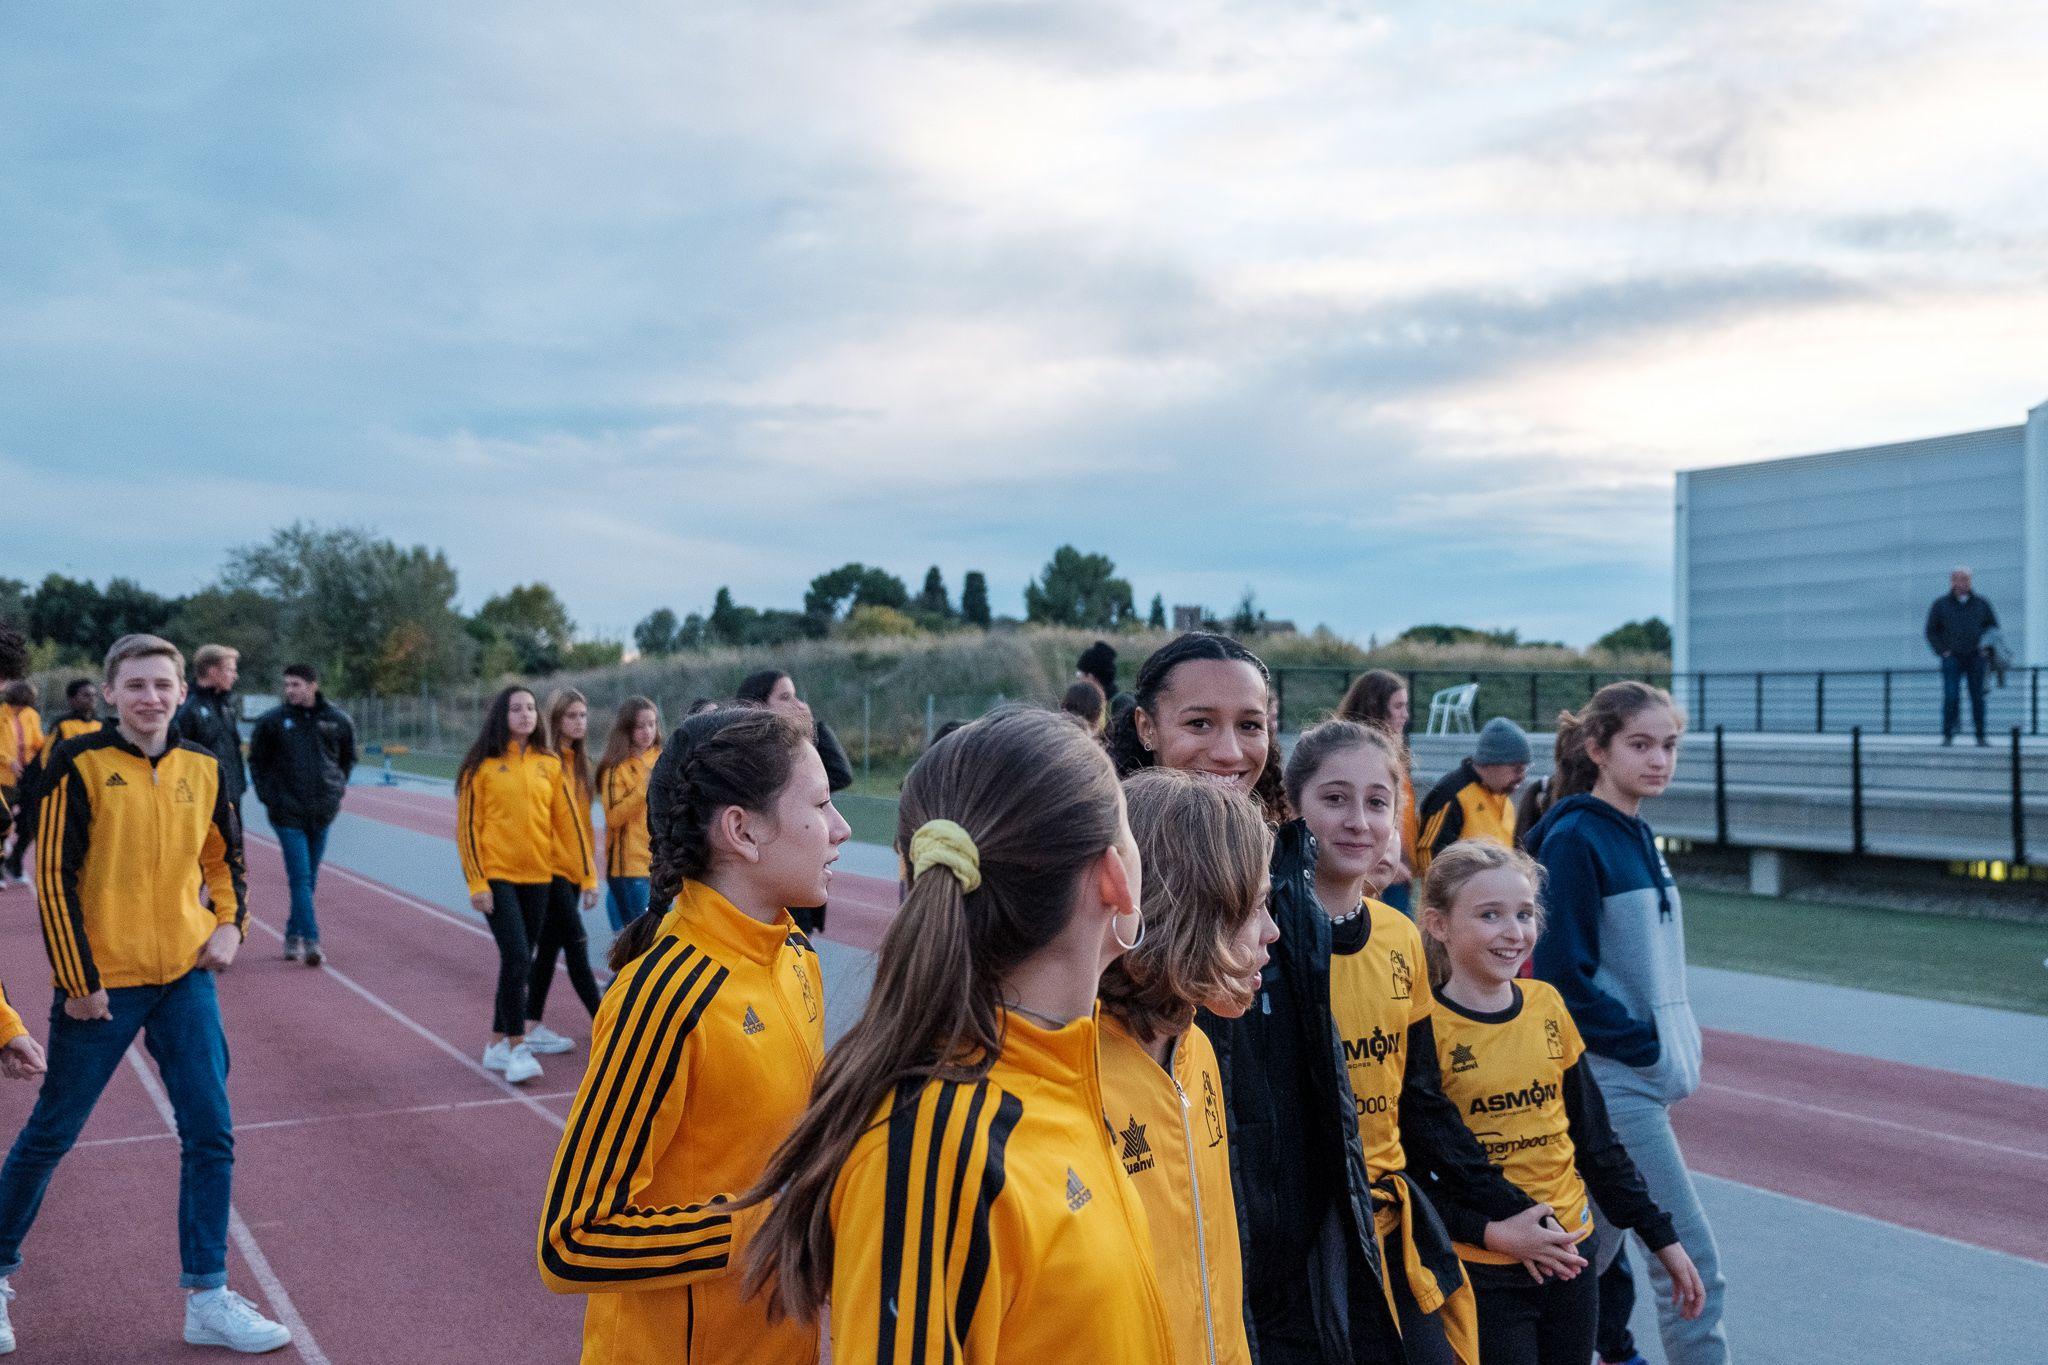 Presentació de la secció d'atletisme del Club Muntanyenc Sant Cugat. FOTO: Ale Gómez